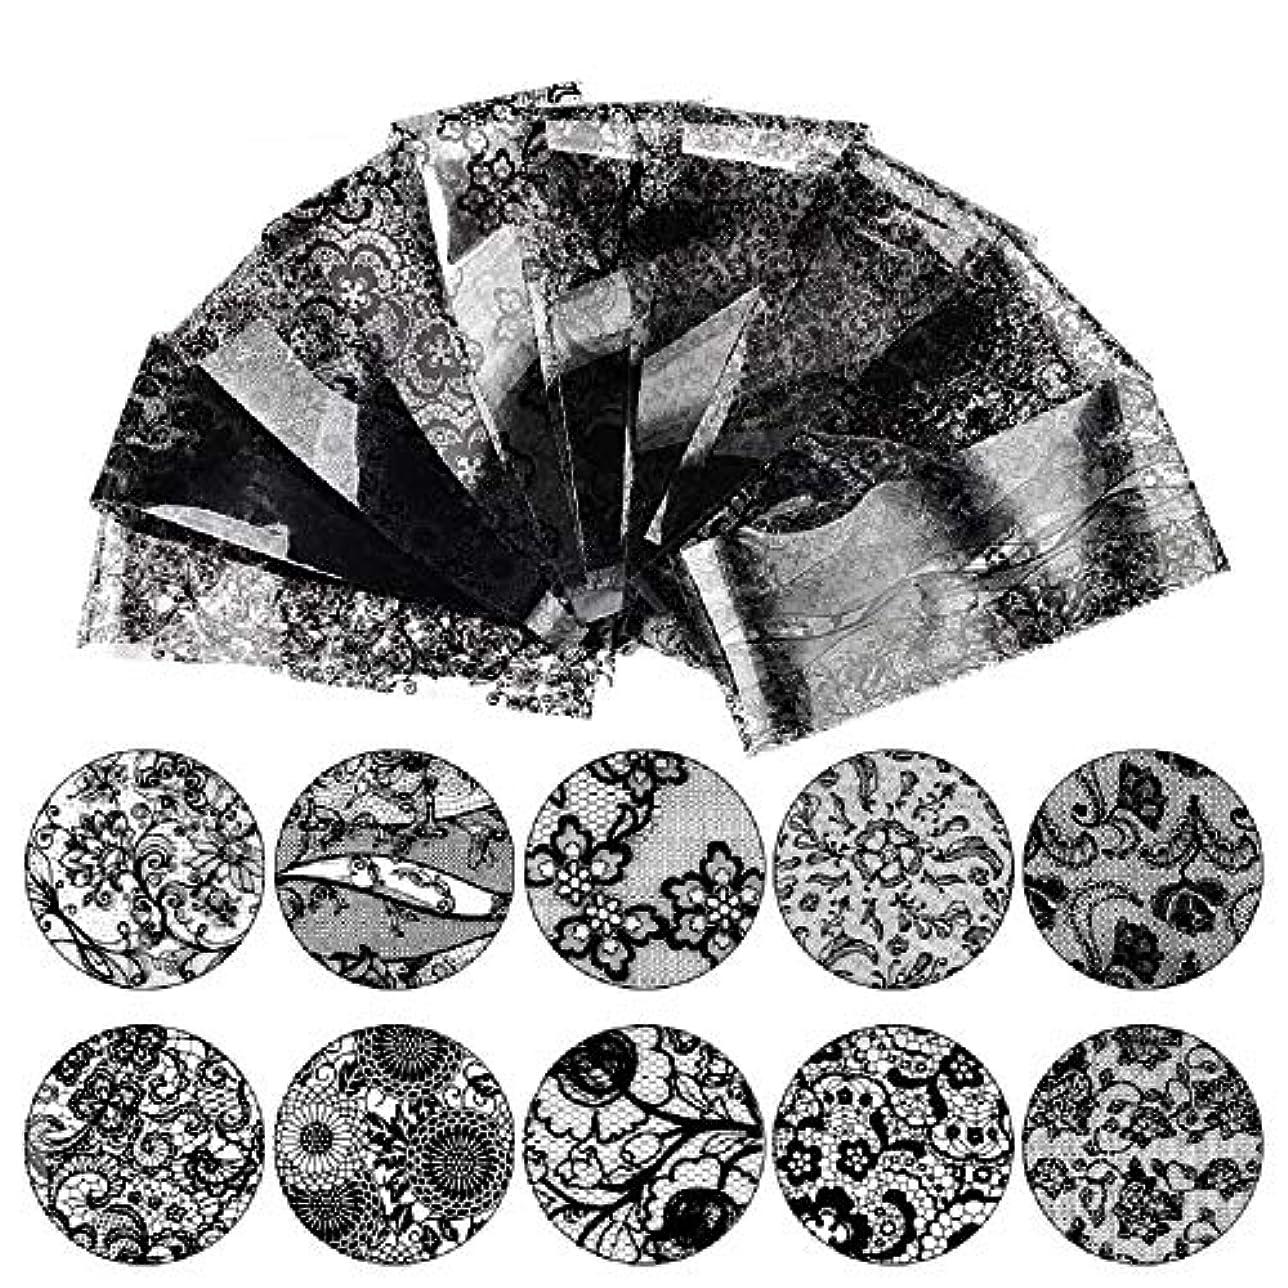 吸収するブローサイレンMINAKO 10枚セットネイルシール ネイルステッカー 高品質 ネイルアート ネイルラップ ネイルアクセサリー レース ネイル用装飾 女性 レディースプレゼント ギフト 可愛い 人気 おしゃれ (ブラック-10枚セット)